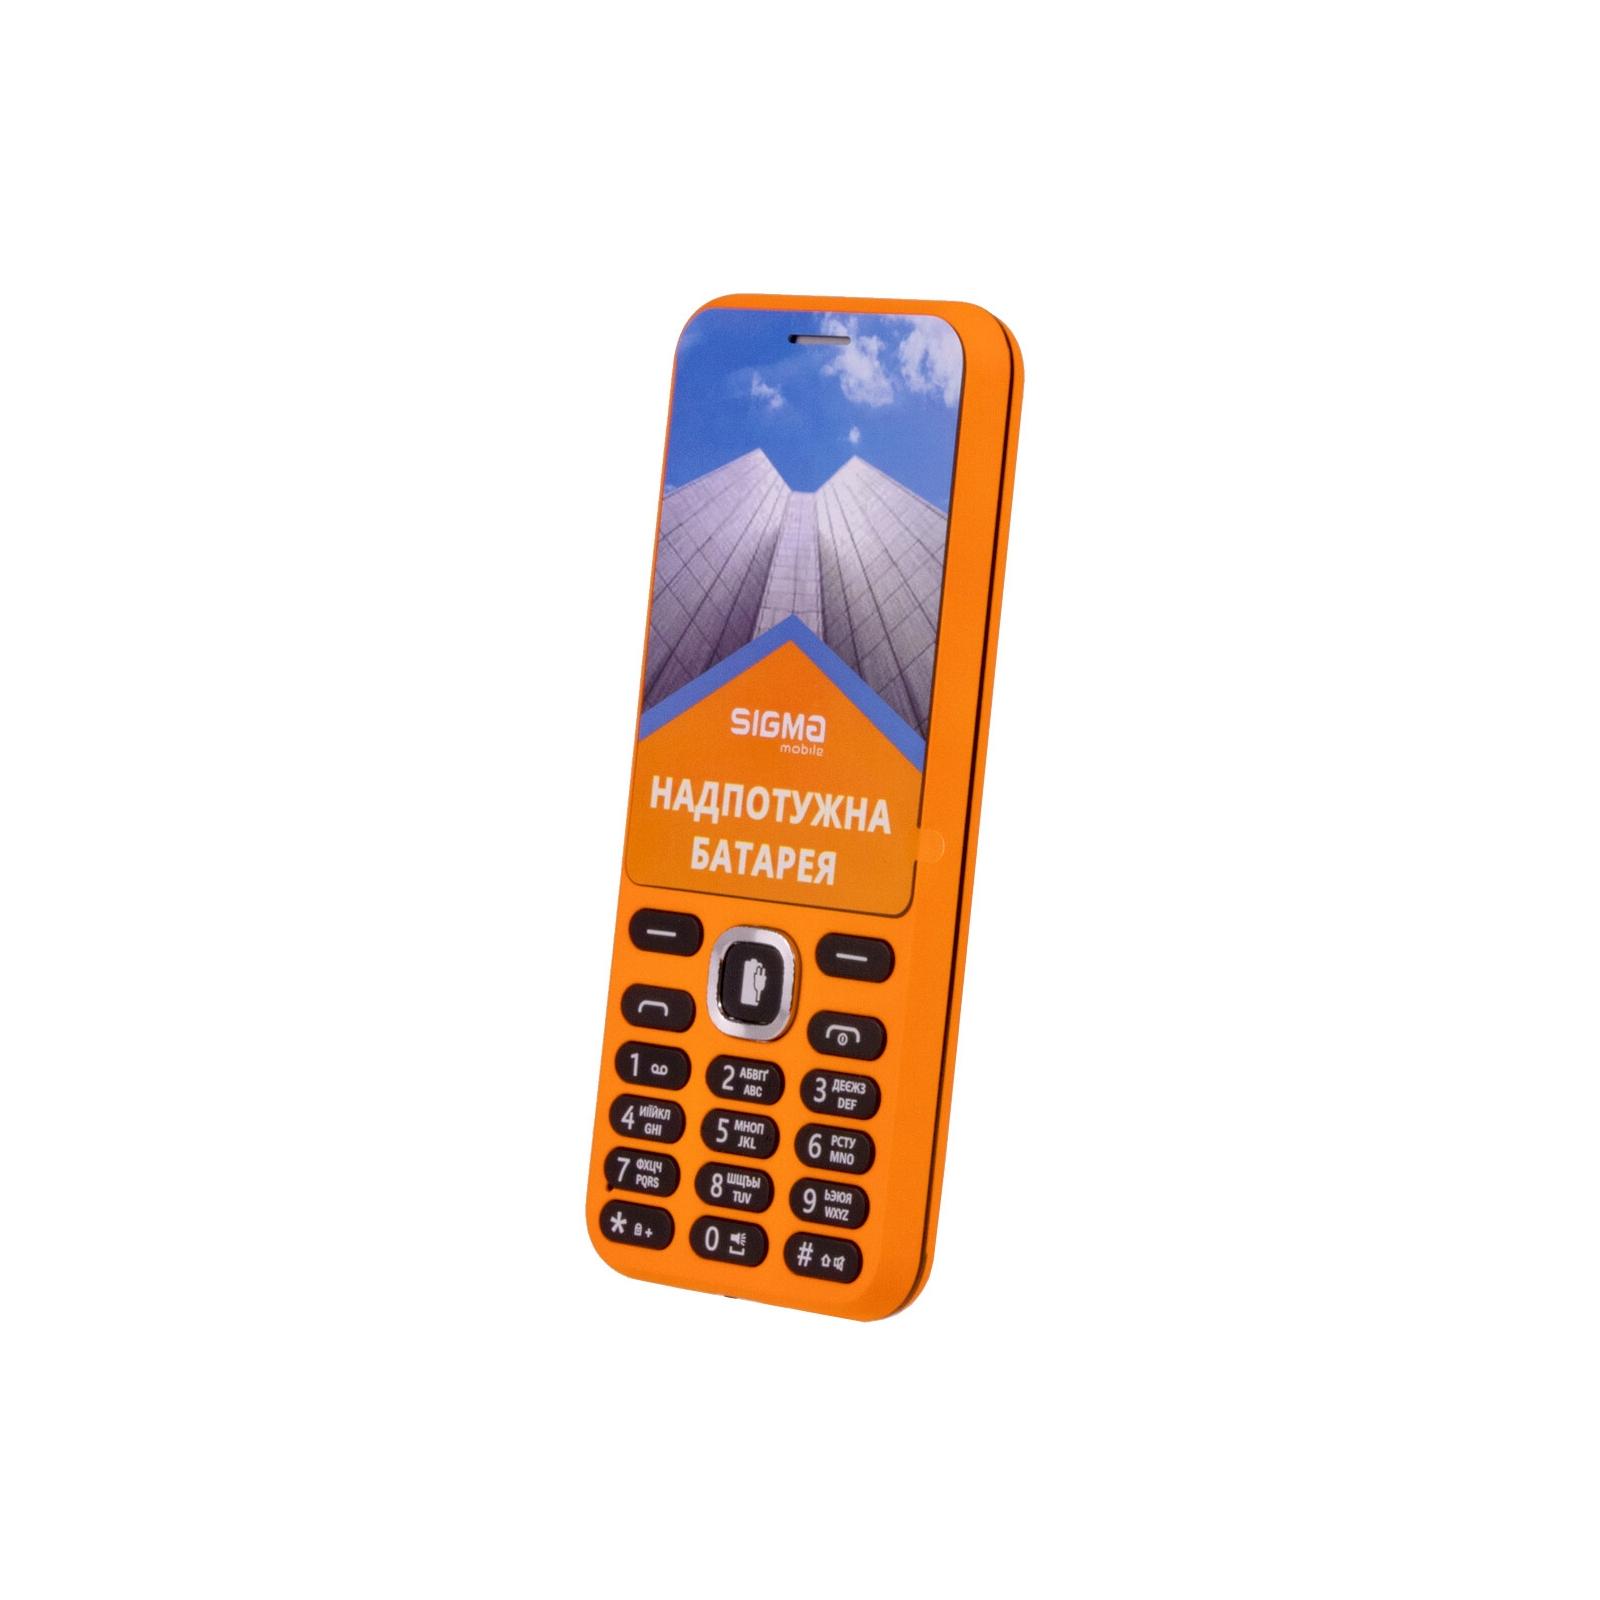 Мобильный телефон Sigma X-style 31 Power Blue (4827798854723) изображение 2